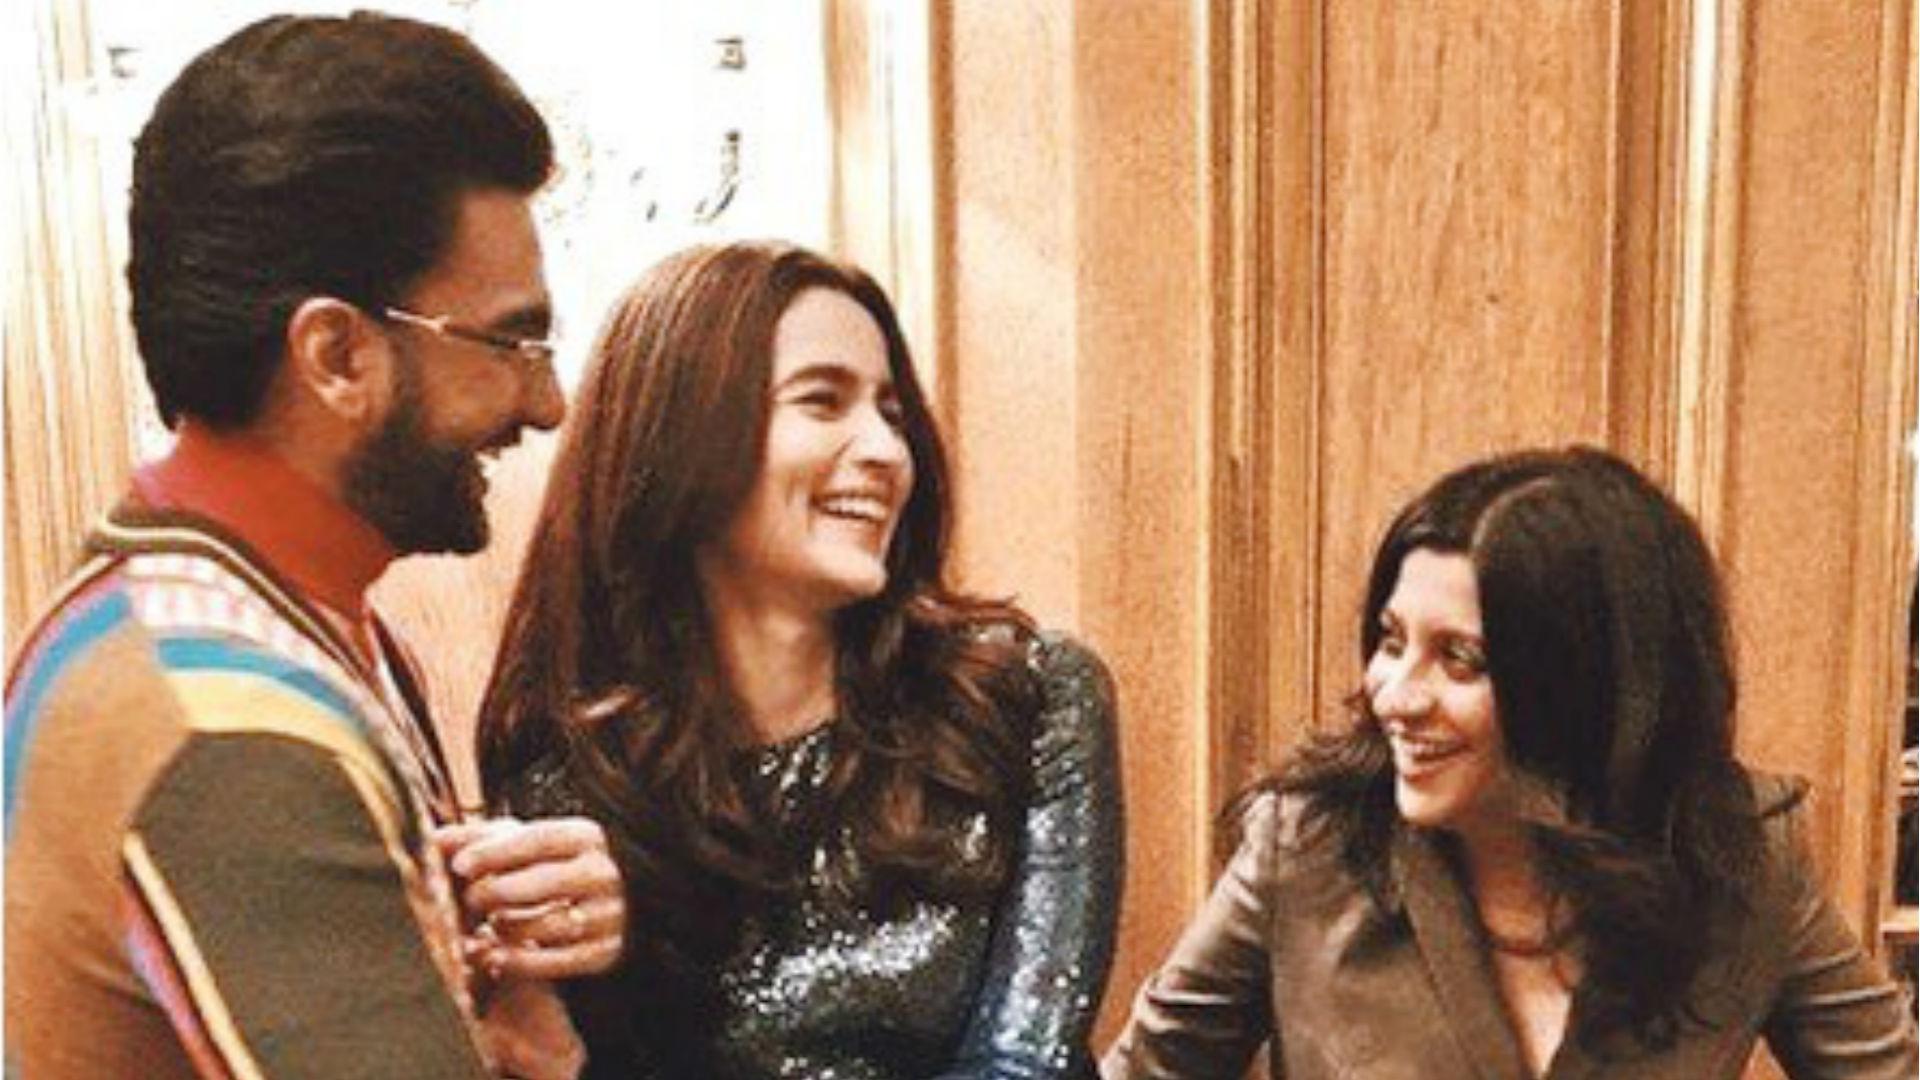 बॉलीवुड सेलेब्स ने देखी रणवीर सिंह और आलिया भट्ट की फिल्म गल्ली बॉय, रिएक्शन देख रह जाएंगे दंग